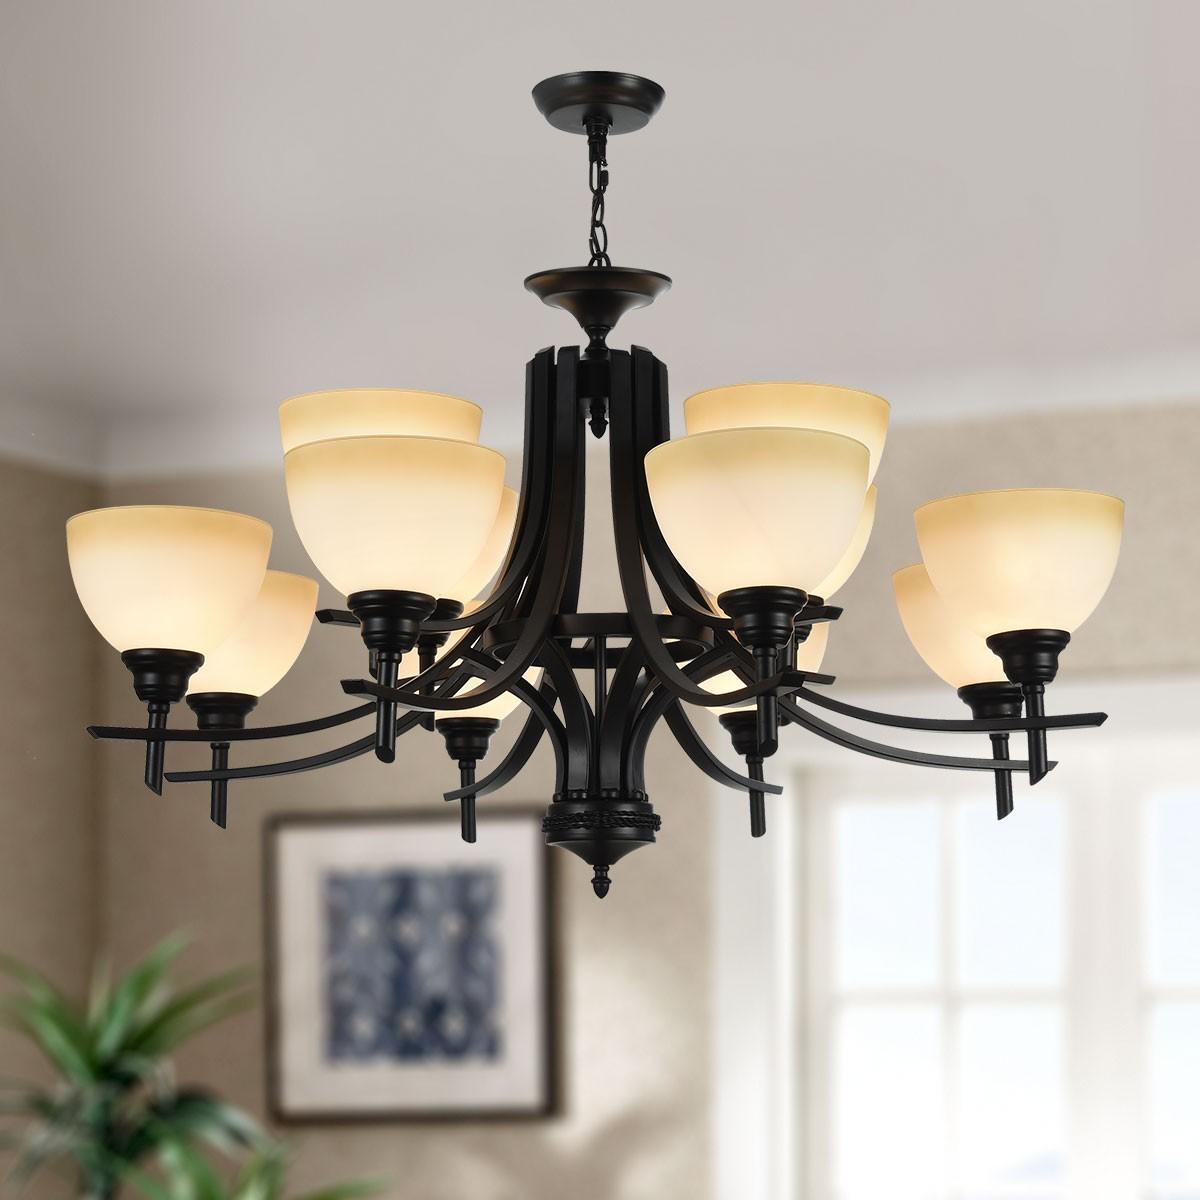 lustre en fer forg avec abat jour en verre 12 ampoules noir dk 8034 8 4 decoraport canada. Black Bedroom Furniture Sets. Home Design Ideas